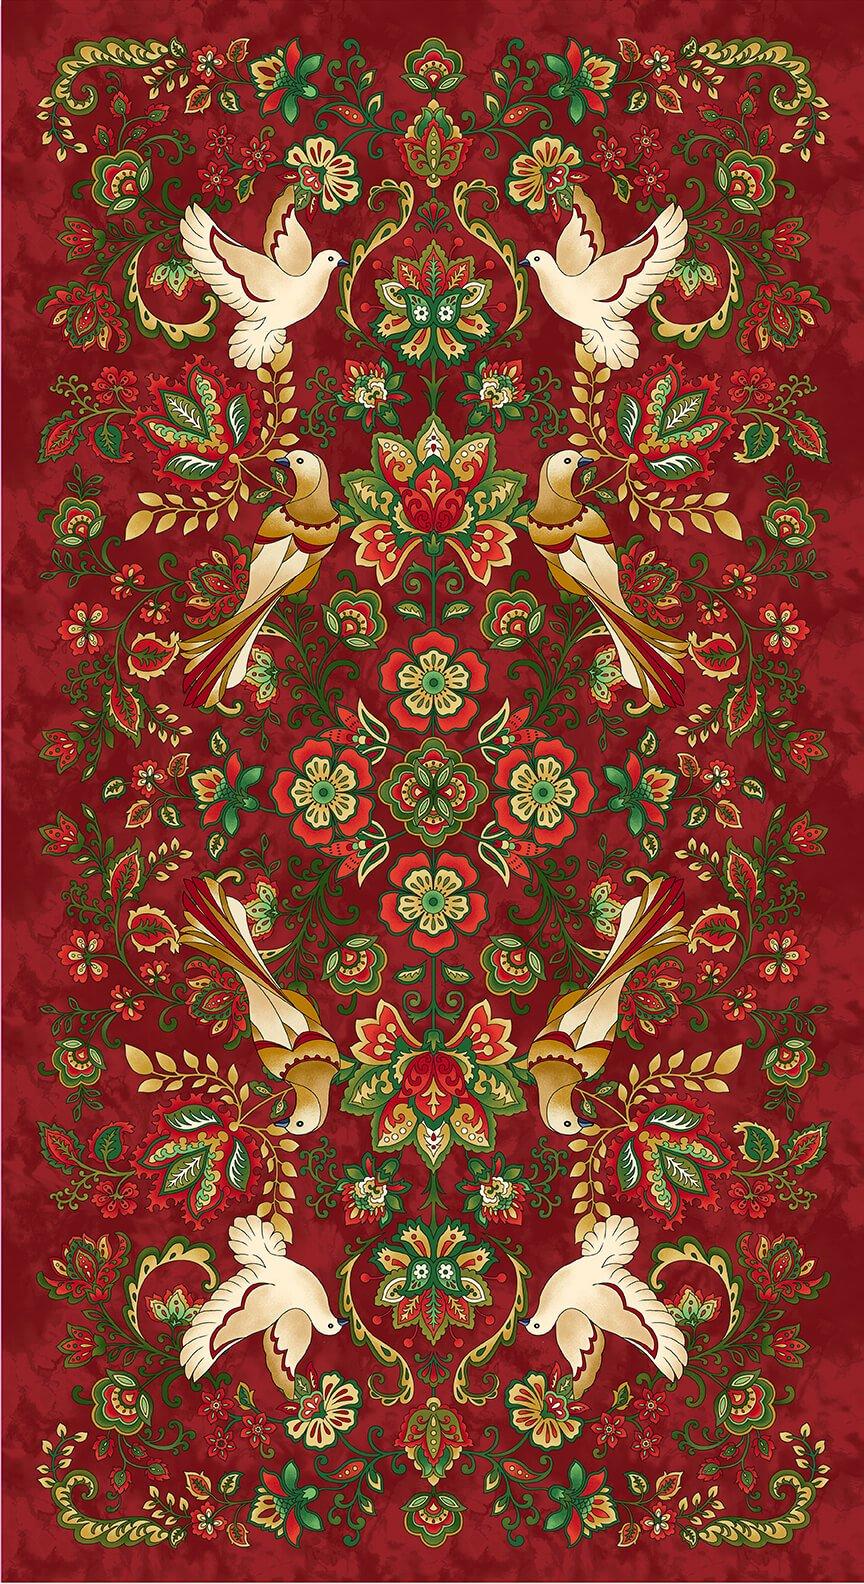 Henry Glass, Jacobean Joyeux - Red Panel